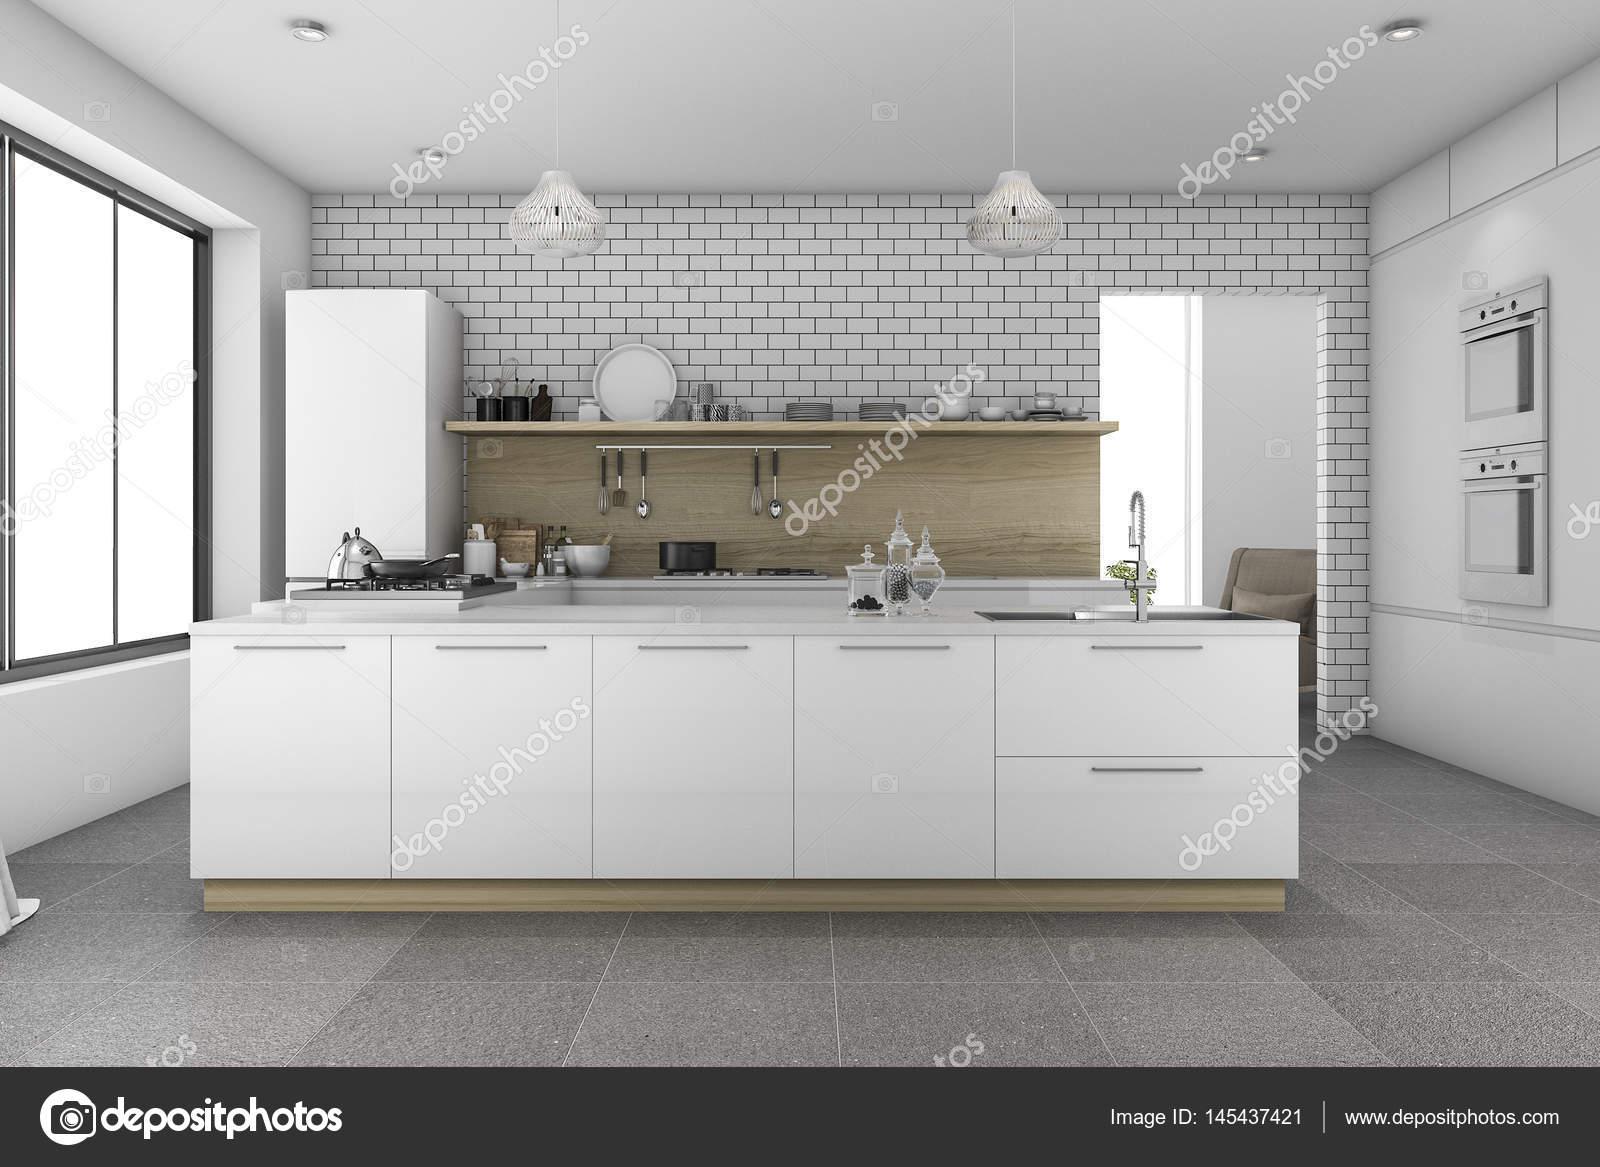 D rendering belle piastrelle cucina con muro di mattoni u foto